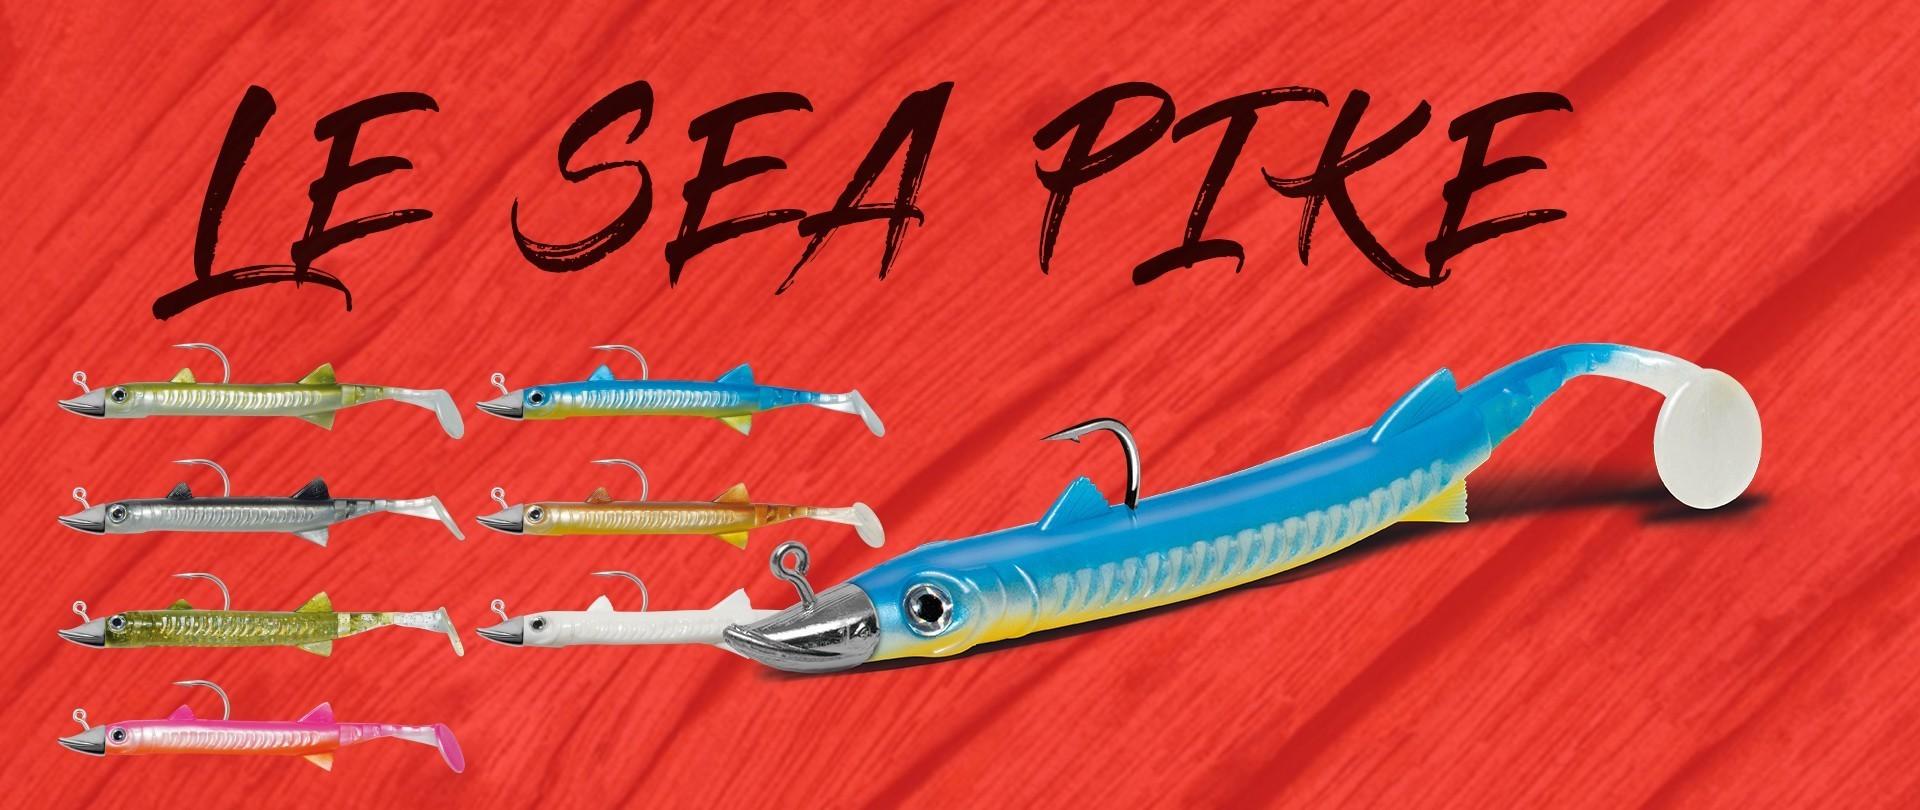 Fire Eel ou Sea Pike ? Pourquoi Choisir ?